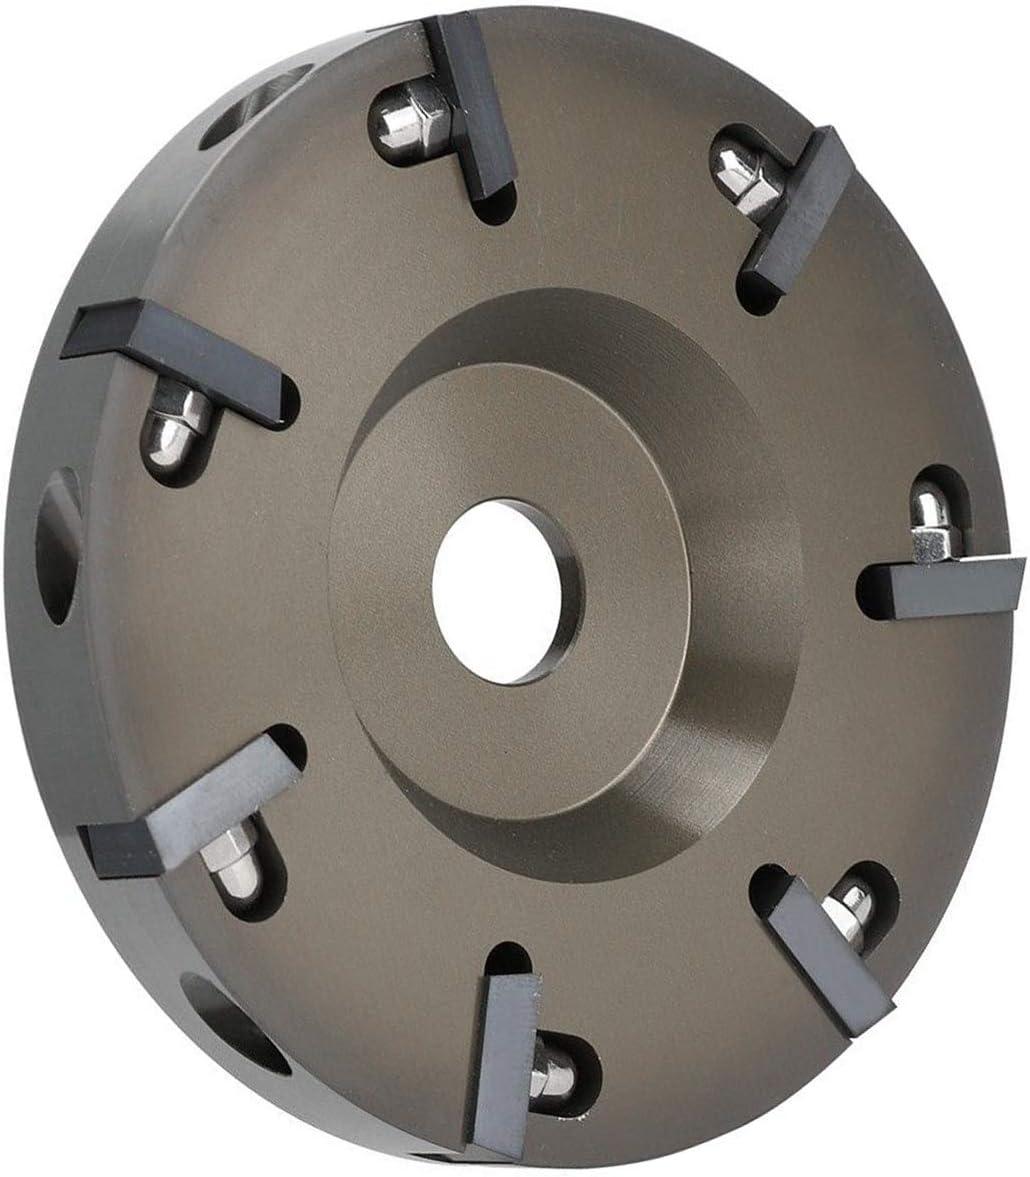 KKmoon Cuchillo de Pezuña Eléctrica,Herramientas de Herrador de Aleación de Aluminio para Ganado Ovejas Caballos,Pezuña de Placa,Ddisco de Recorte con 7 Cuchillas